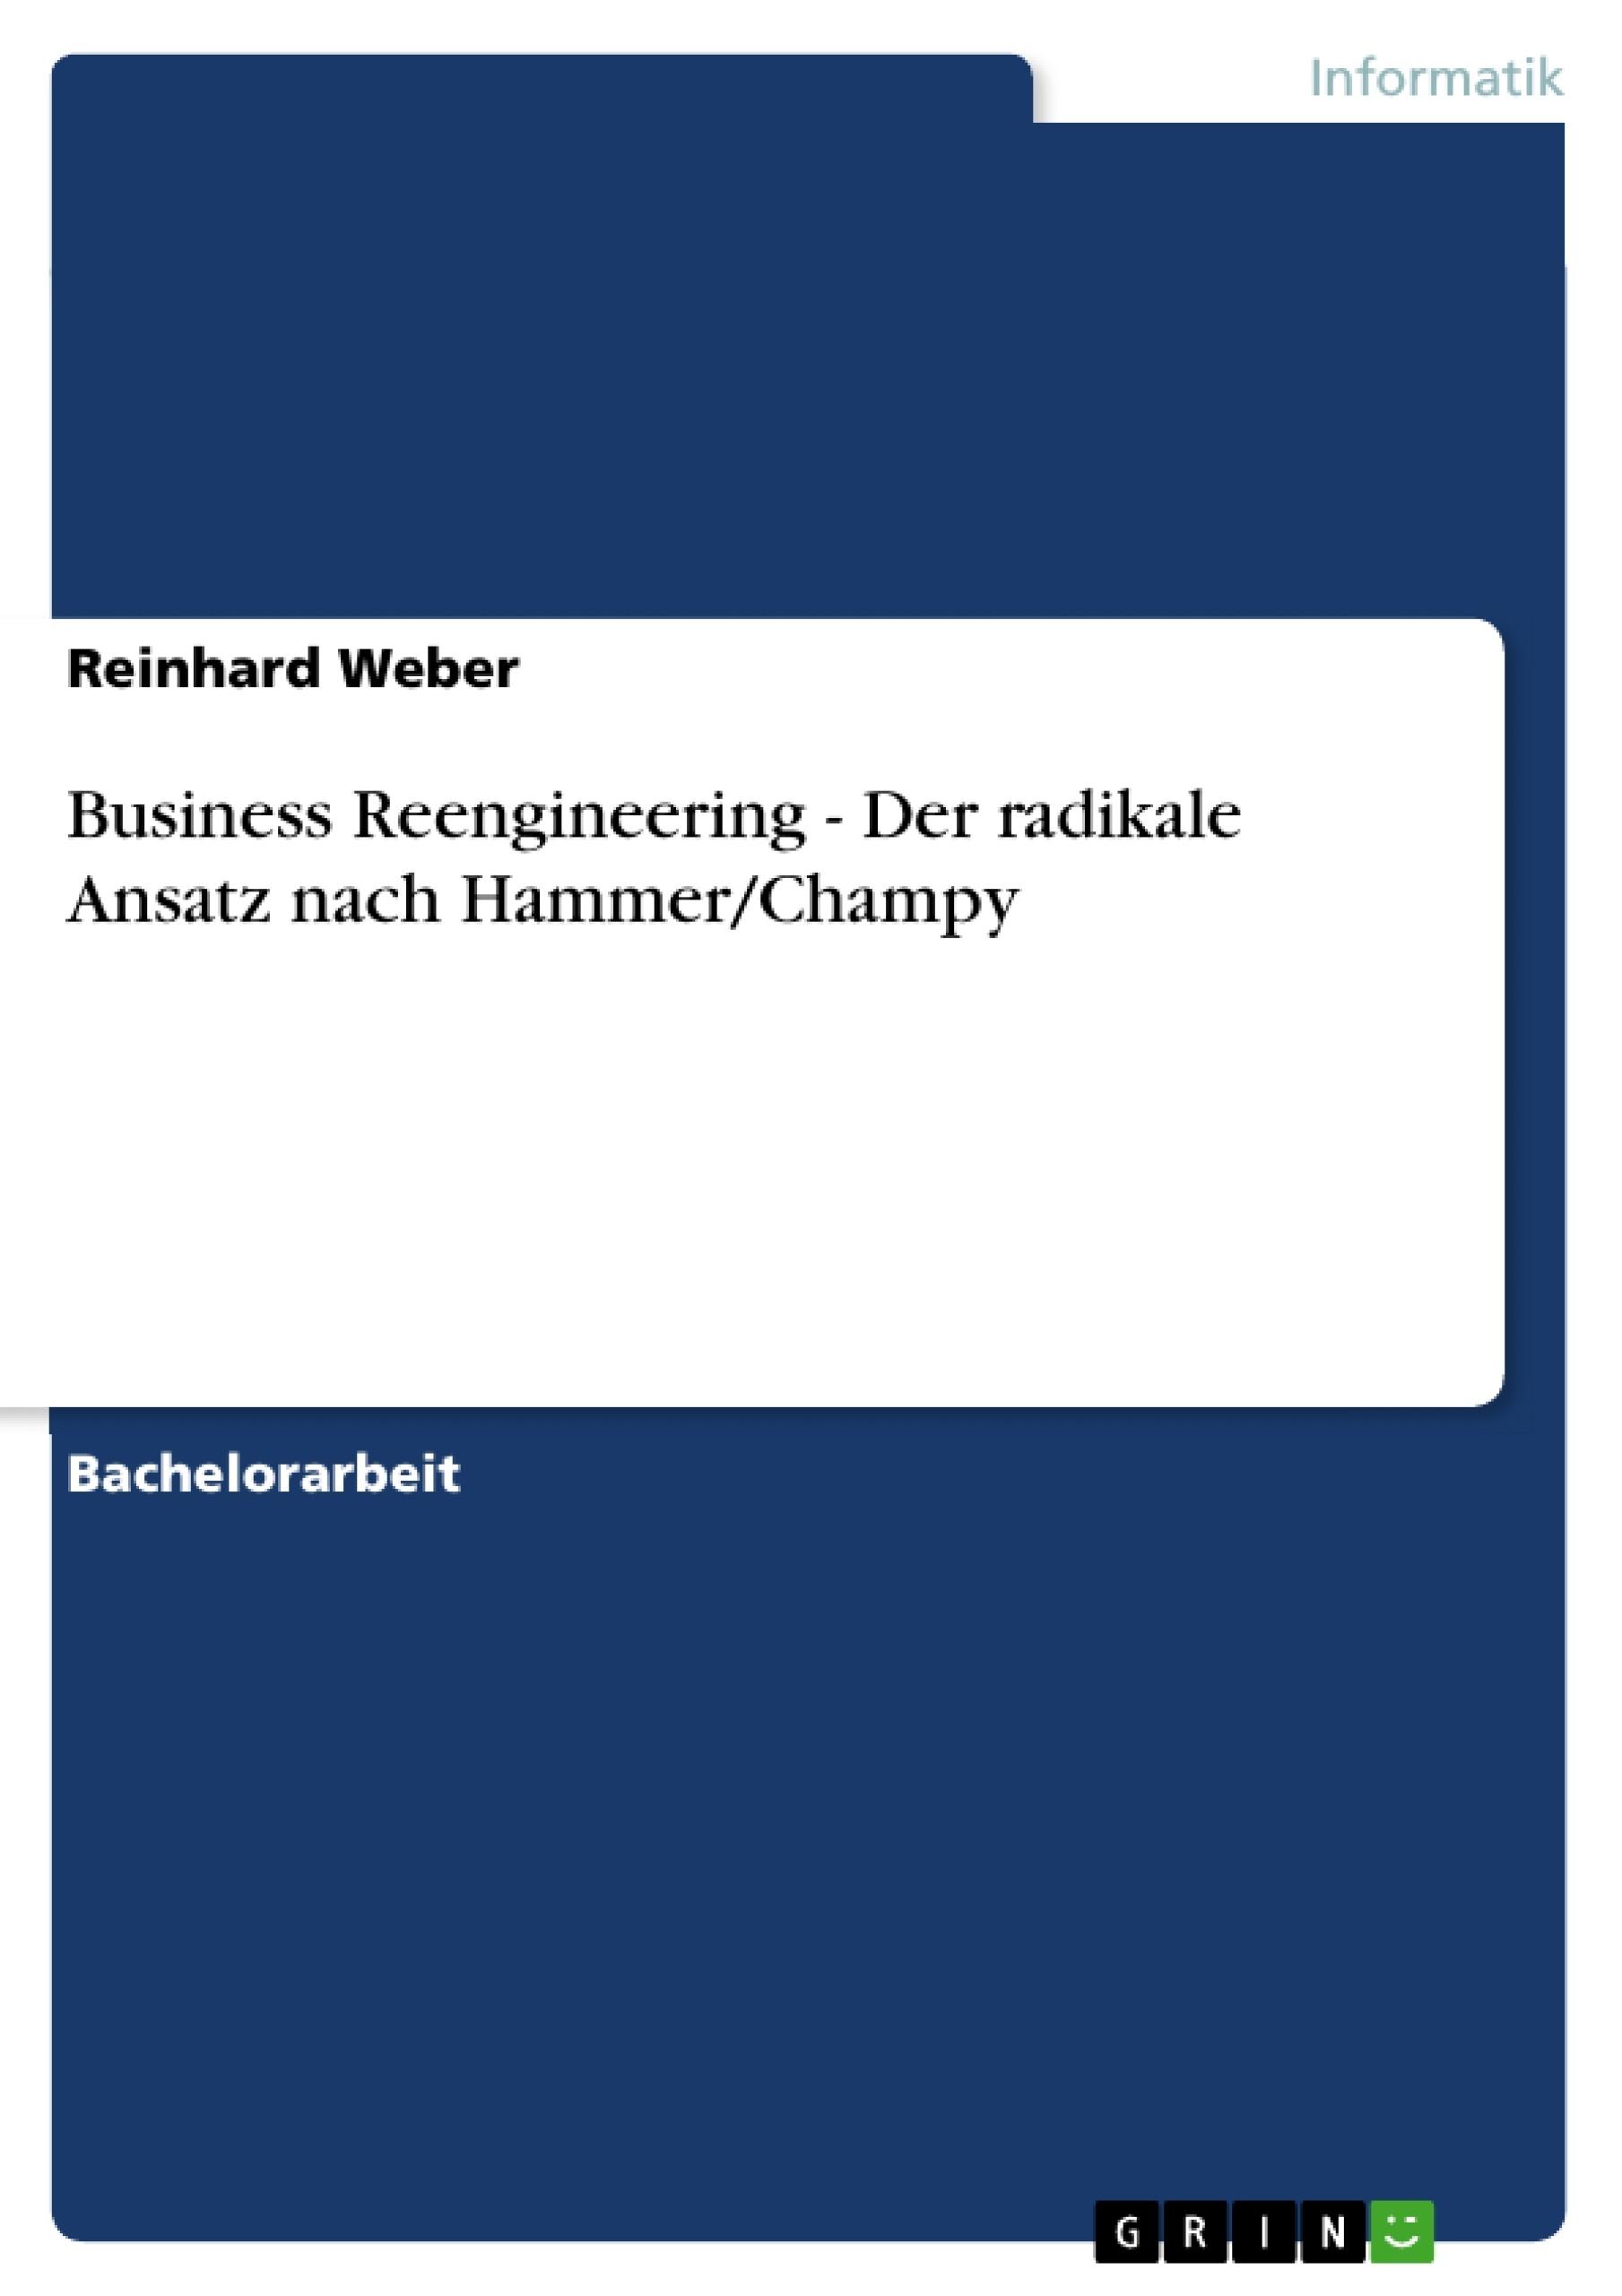 Titel: Business Reengineering - Der radikale Ansatz nach Hammer/Champy